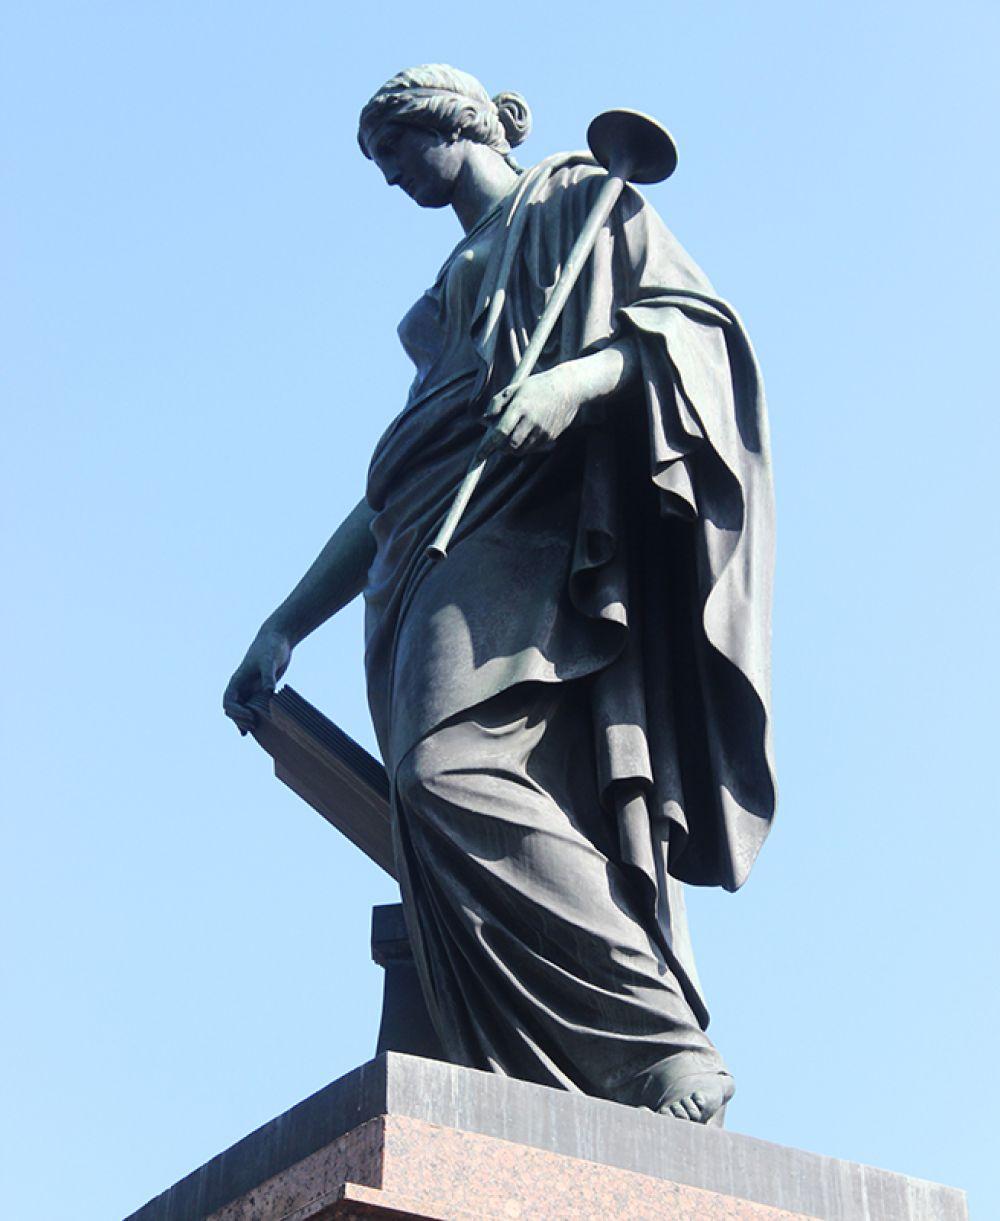 Памятник Николаю Михайловичу навсегда останнется одним из главных символов Ульяновска